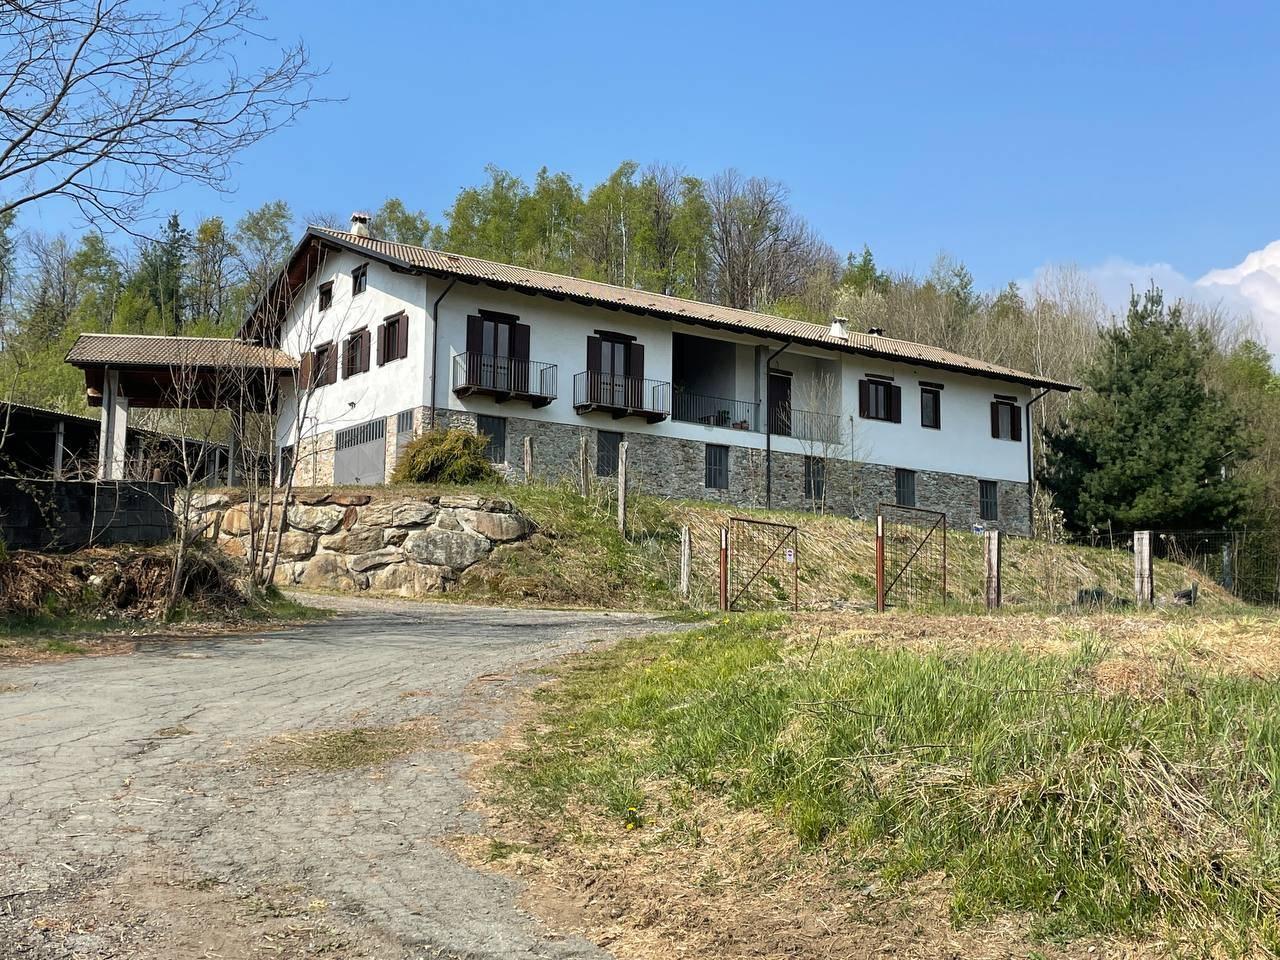 Rustico / Casale in vendita a Alice Superiore, 7 locali, prezzo € 349.000   PortaleAgenzieImmobiliari.it